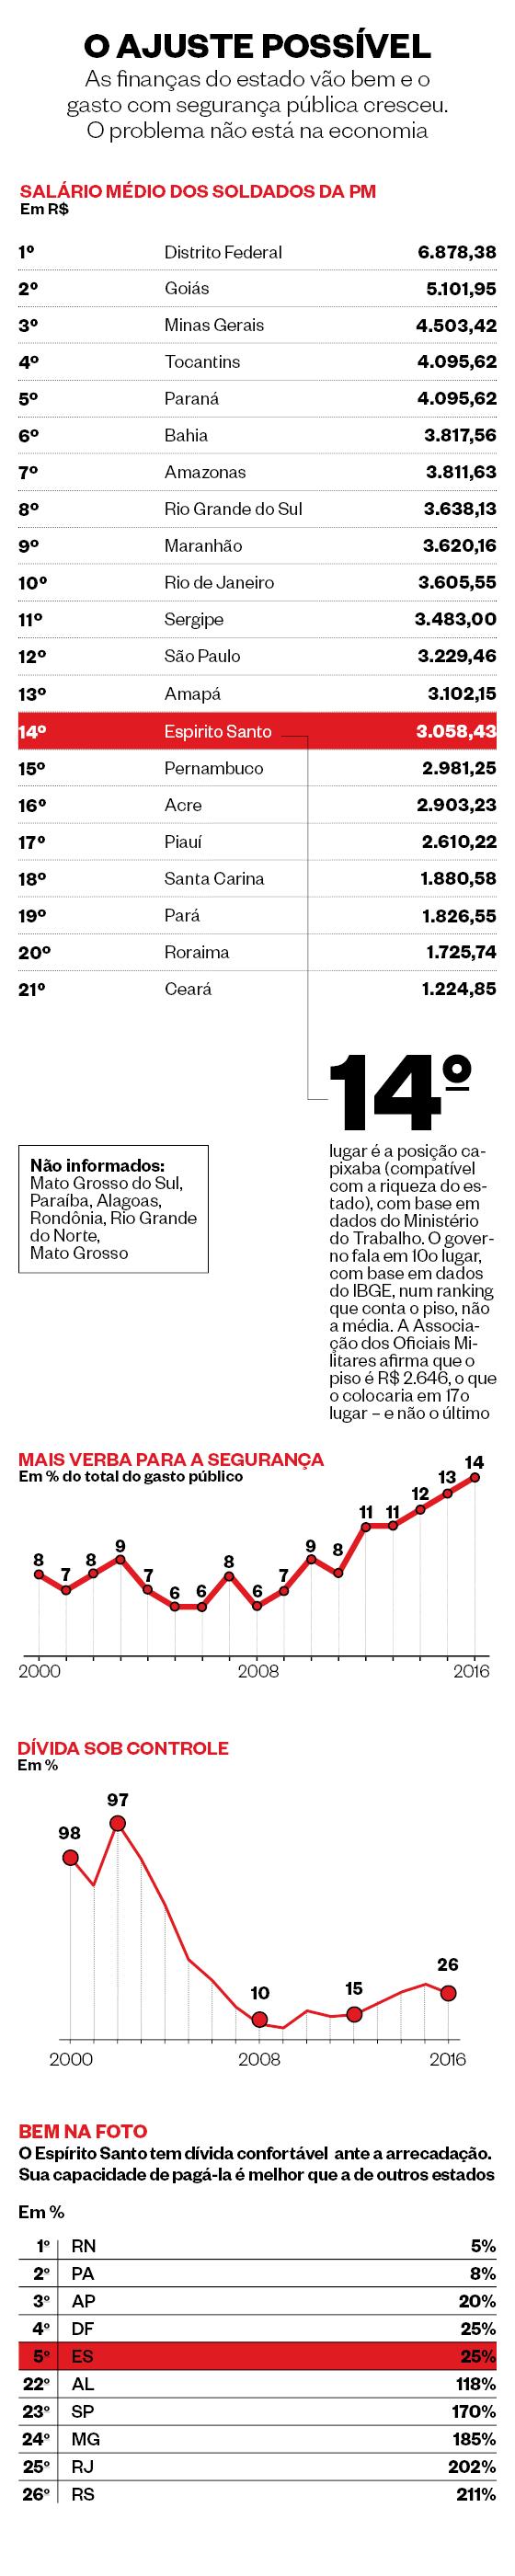 O ajuste possível (Foto: Arte Época. Fontes: IBGE, Ministério do Trabalho, STN, Secretaria de Fazenda do Espírito Santo)